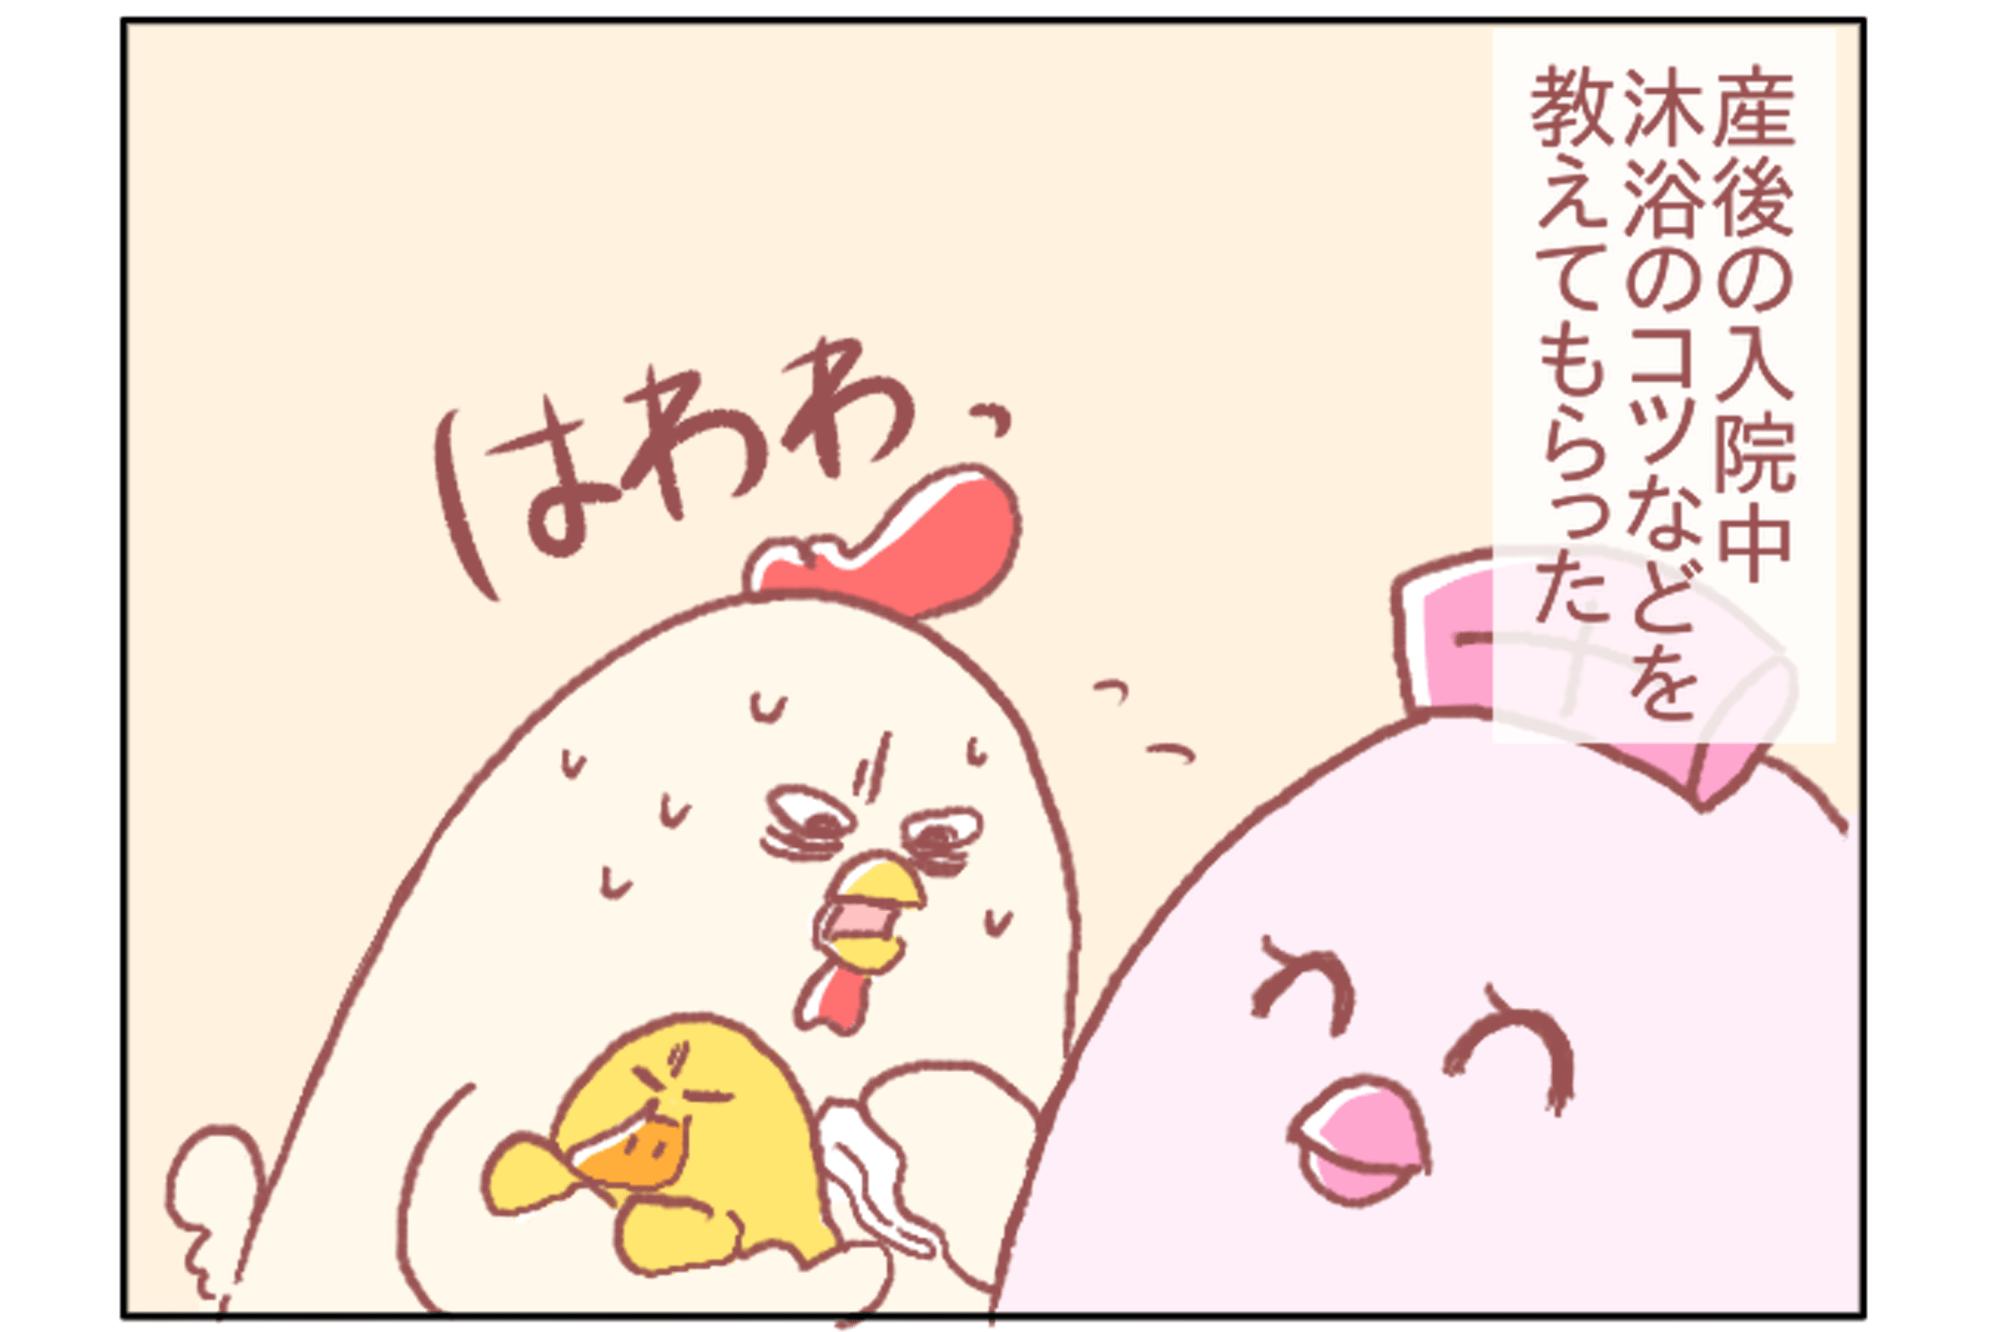 沐浴中に焦った〜〜〜!|鳥谷丁子のオモテ育児・ウラ育児#15